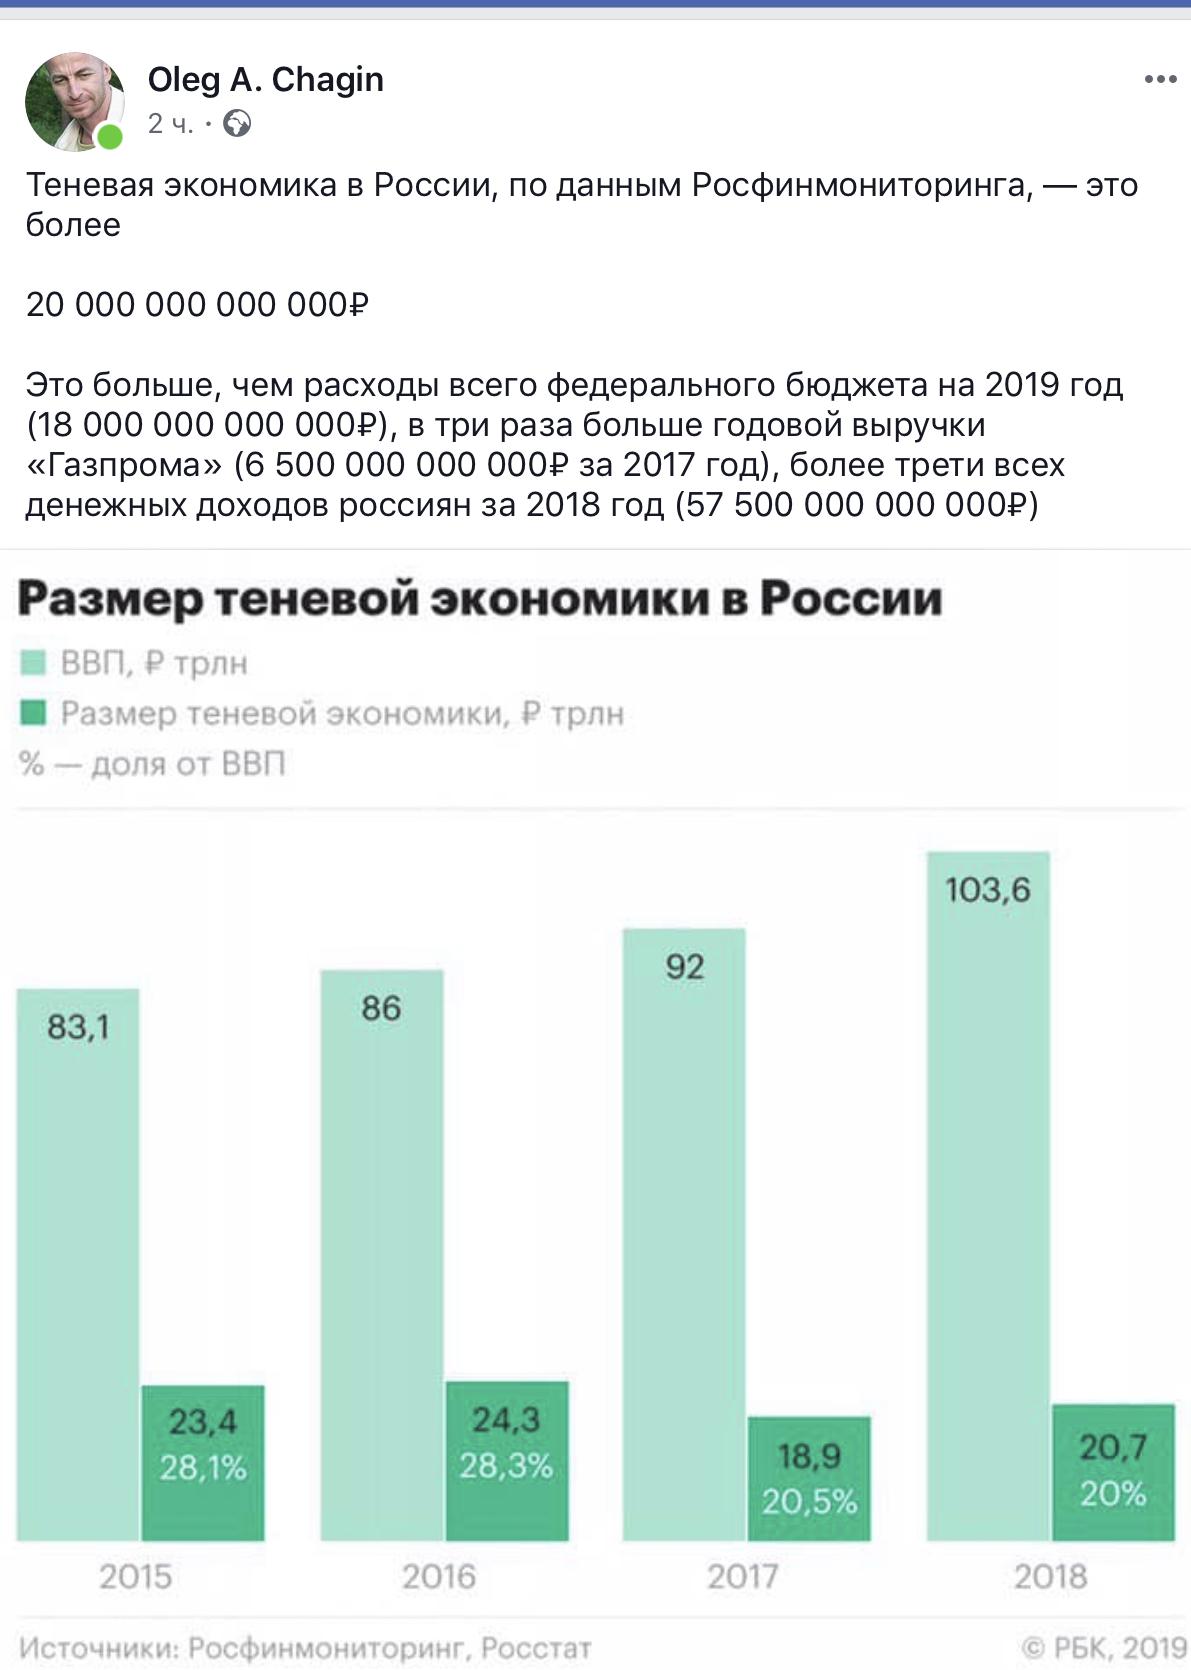 Размер теневой экономики в России